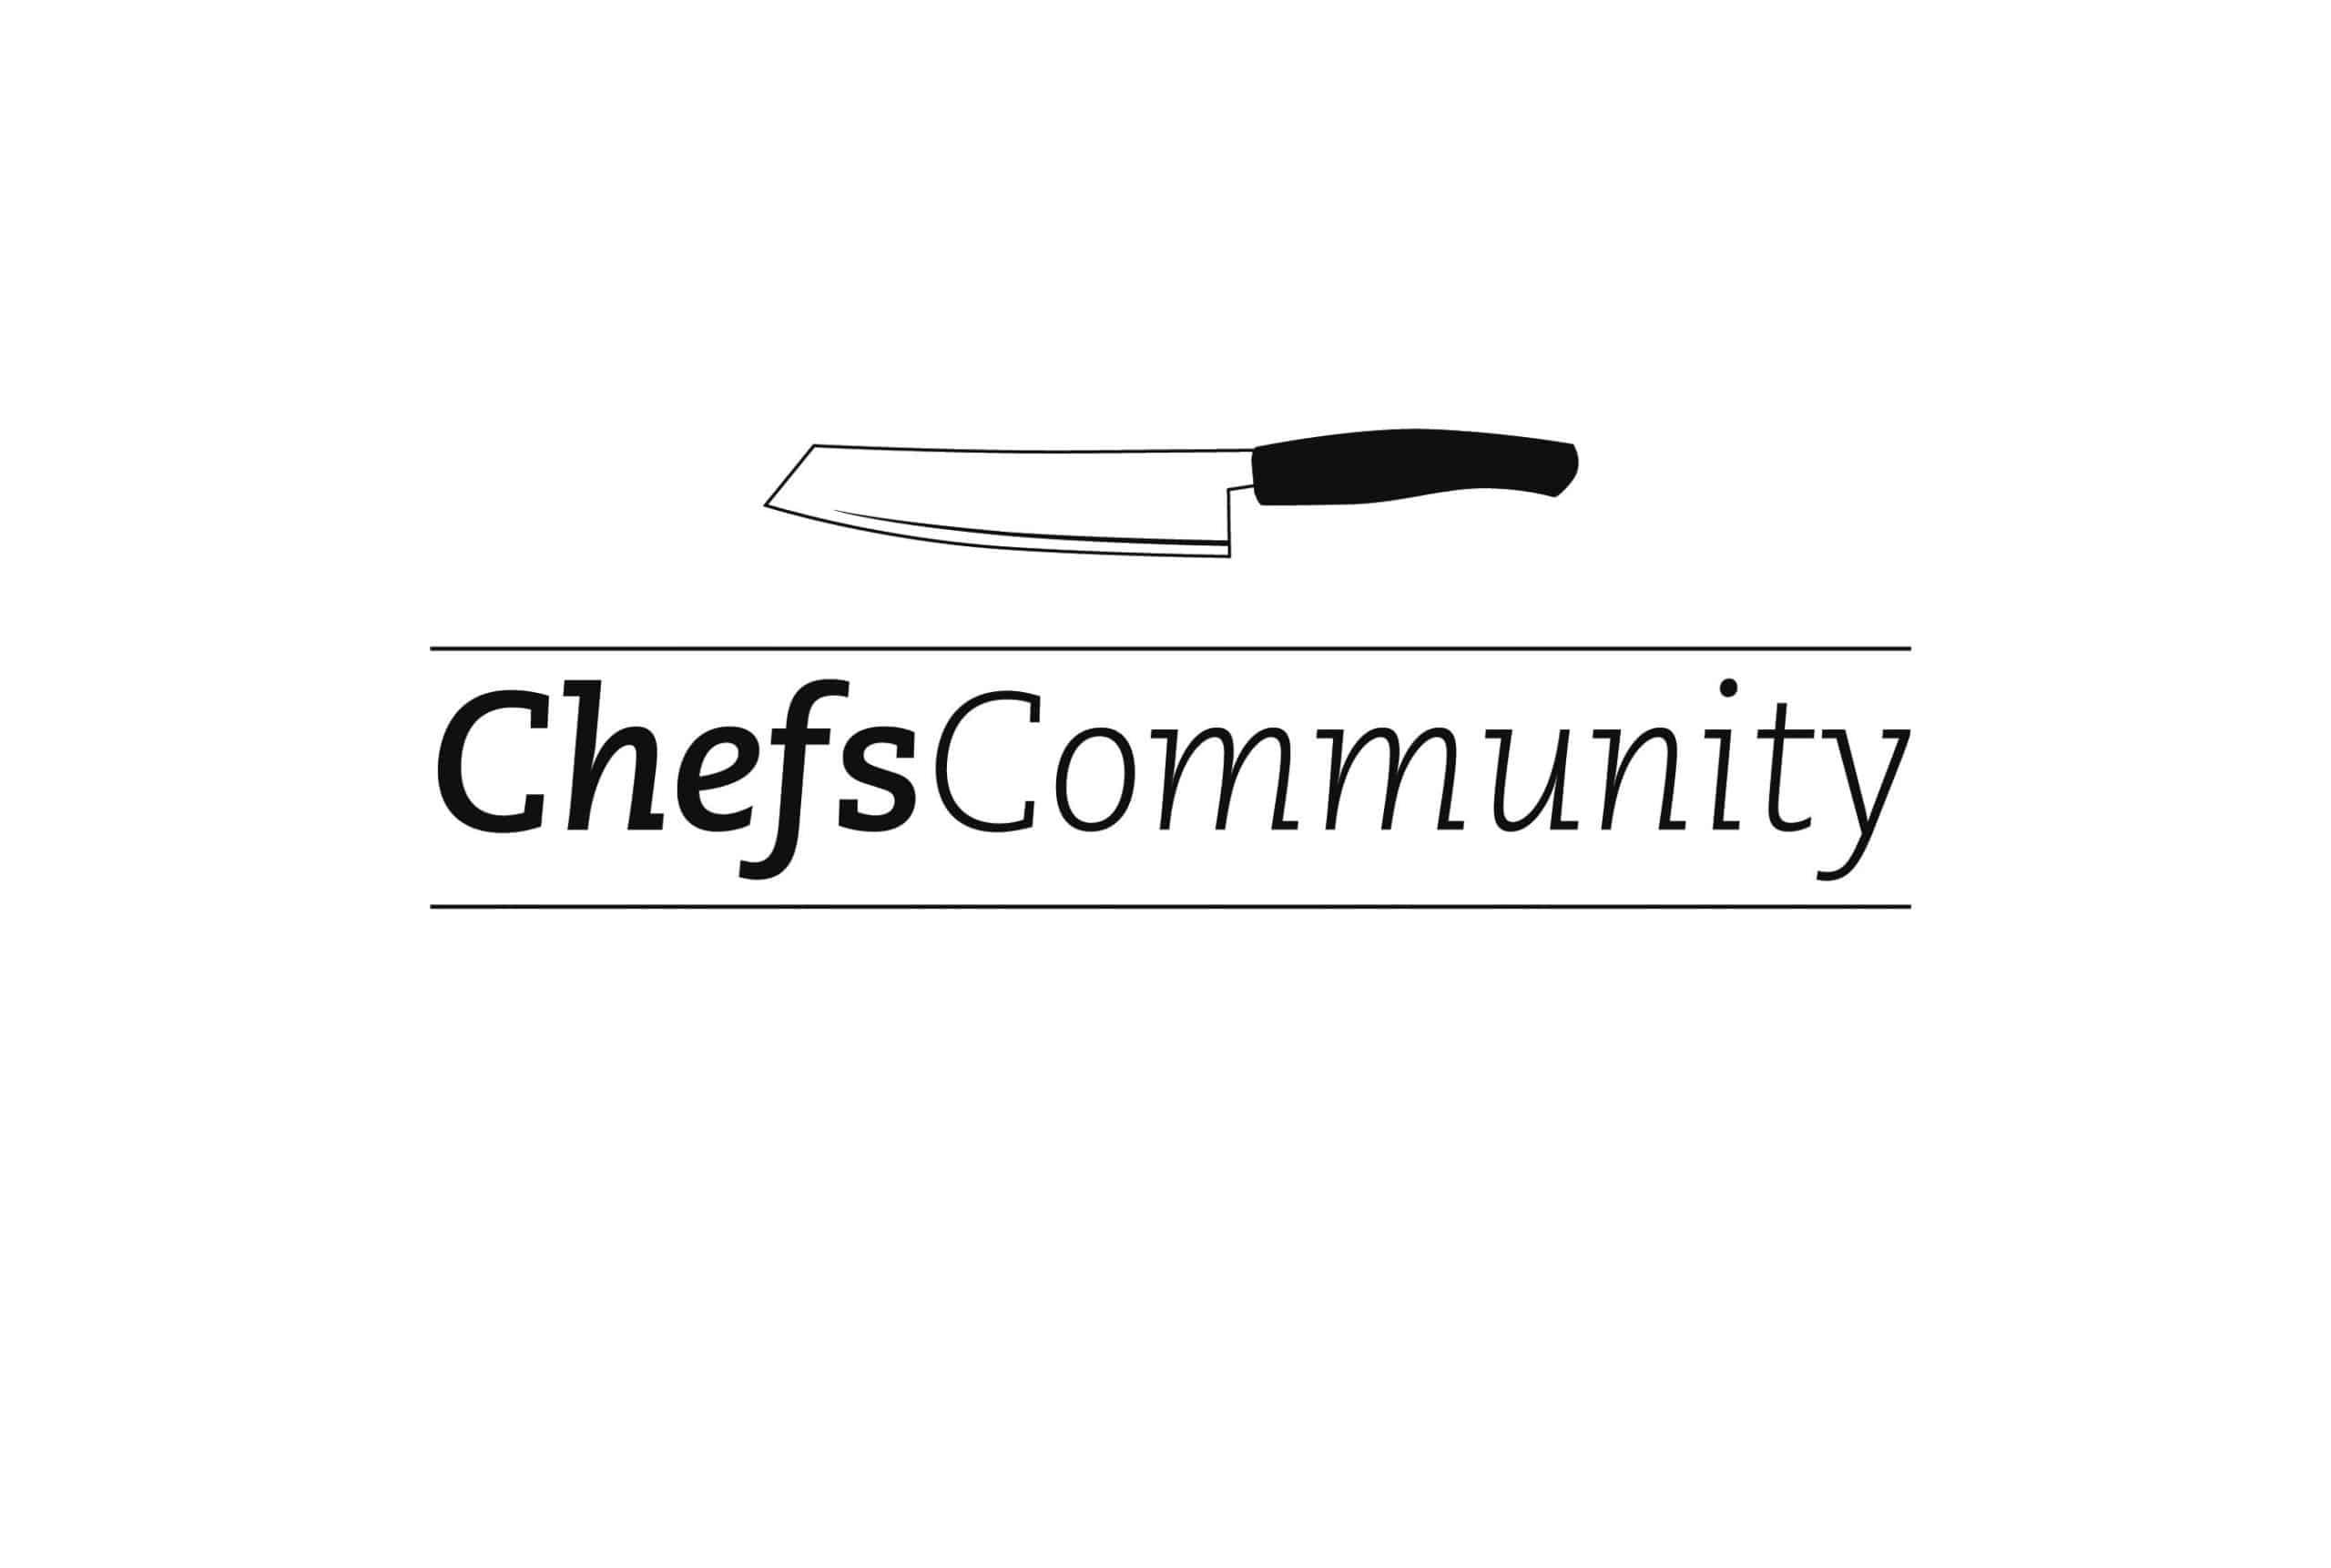 koch des jahres archives - gastronomie-journal, Modern dekoo